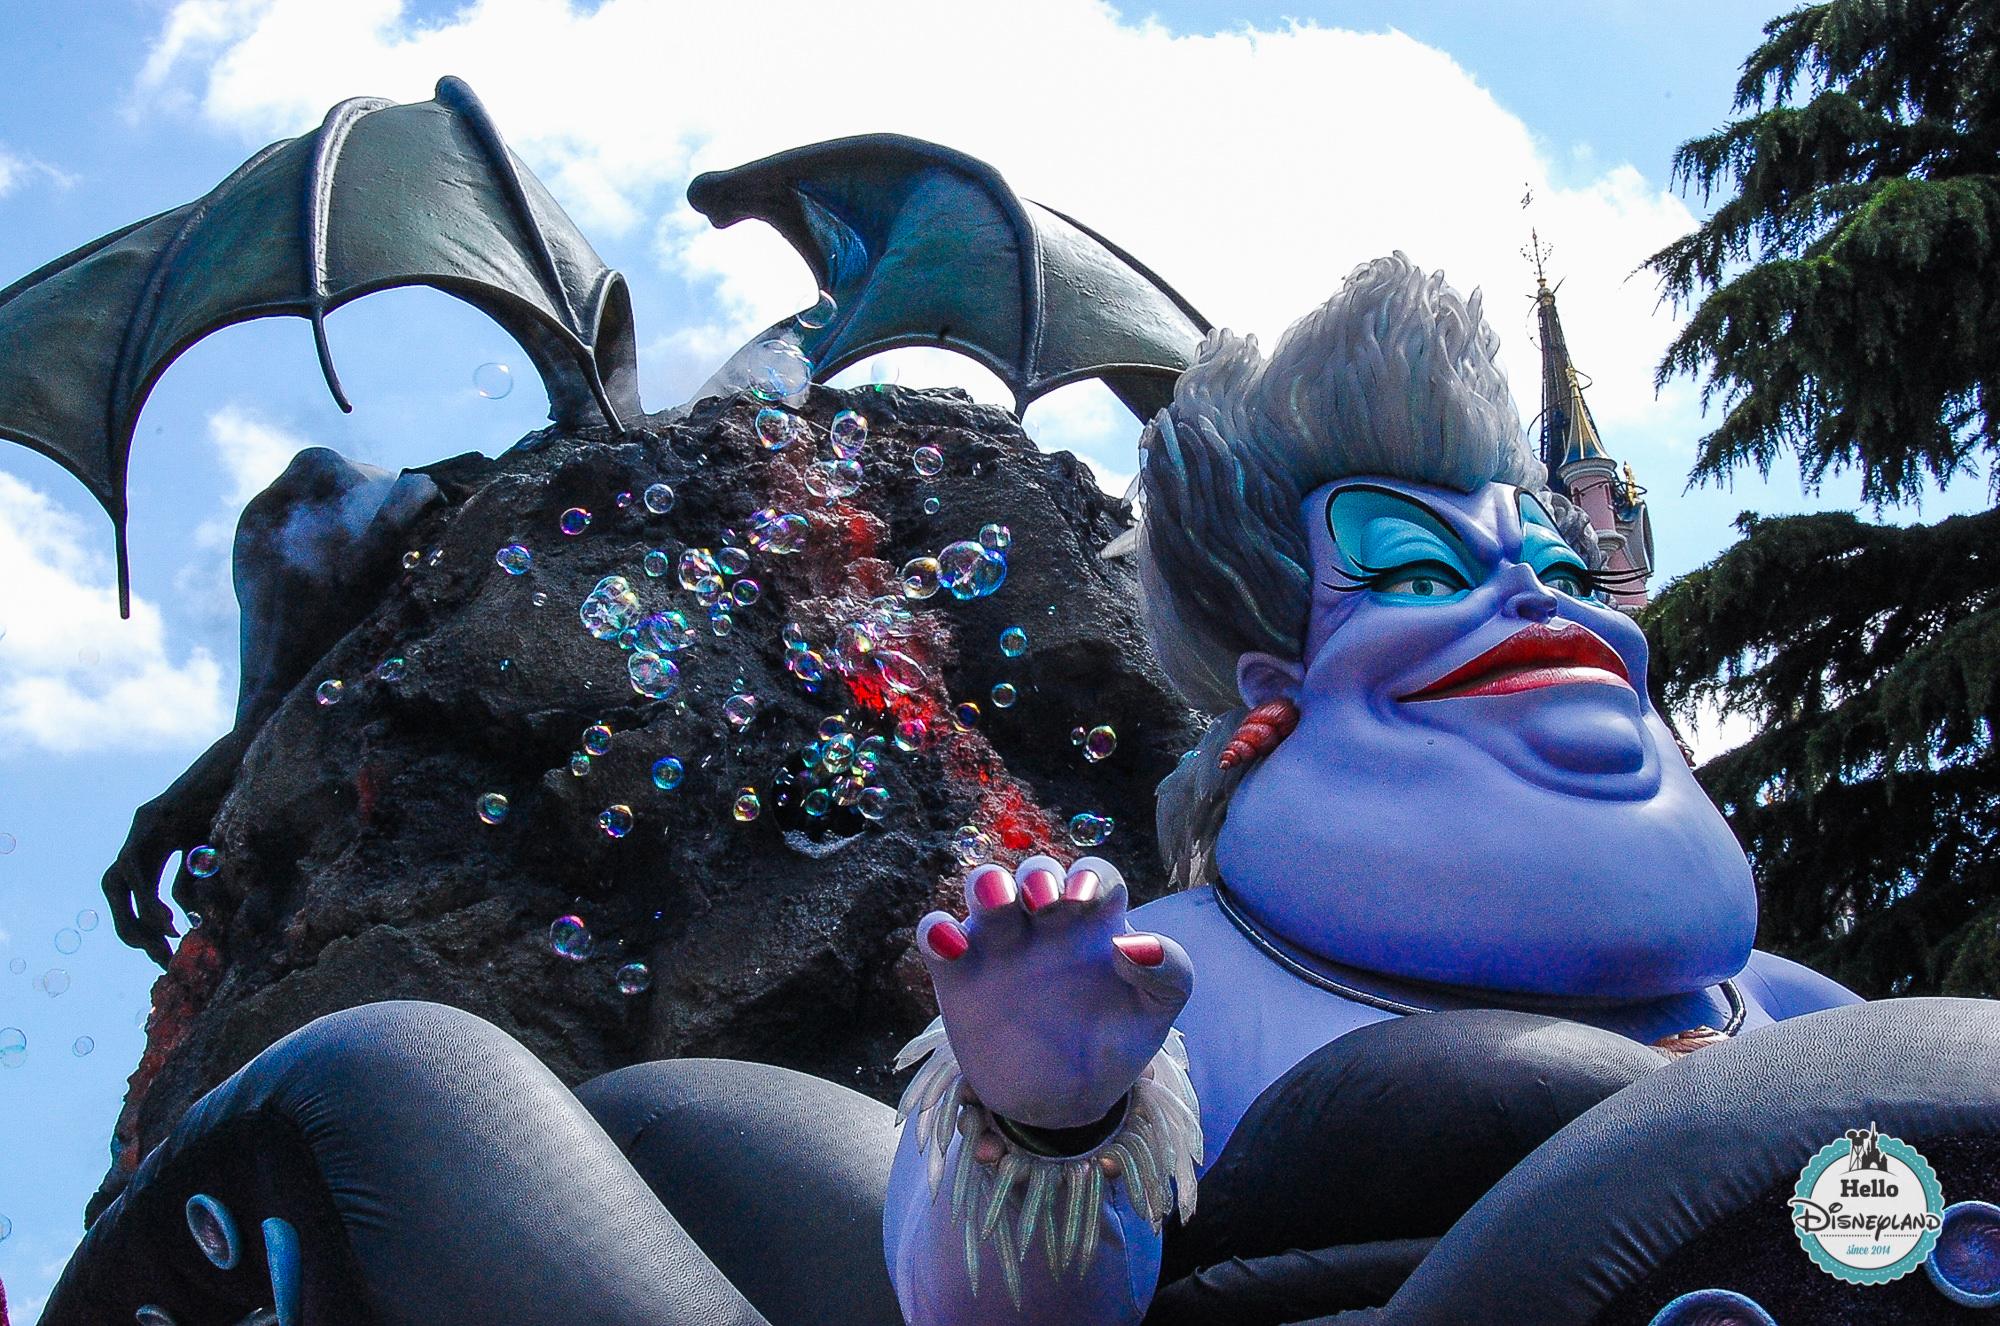 Disney Once Upon a Dream Parade - Disneyland Paris -49